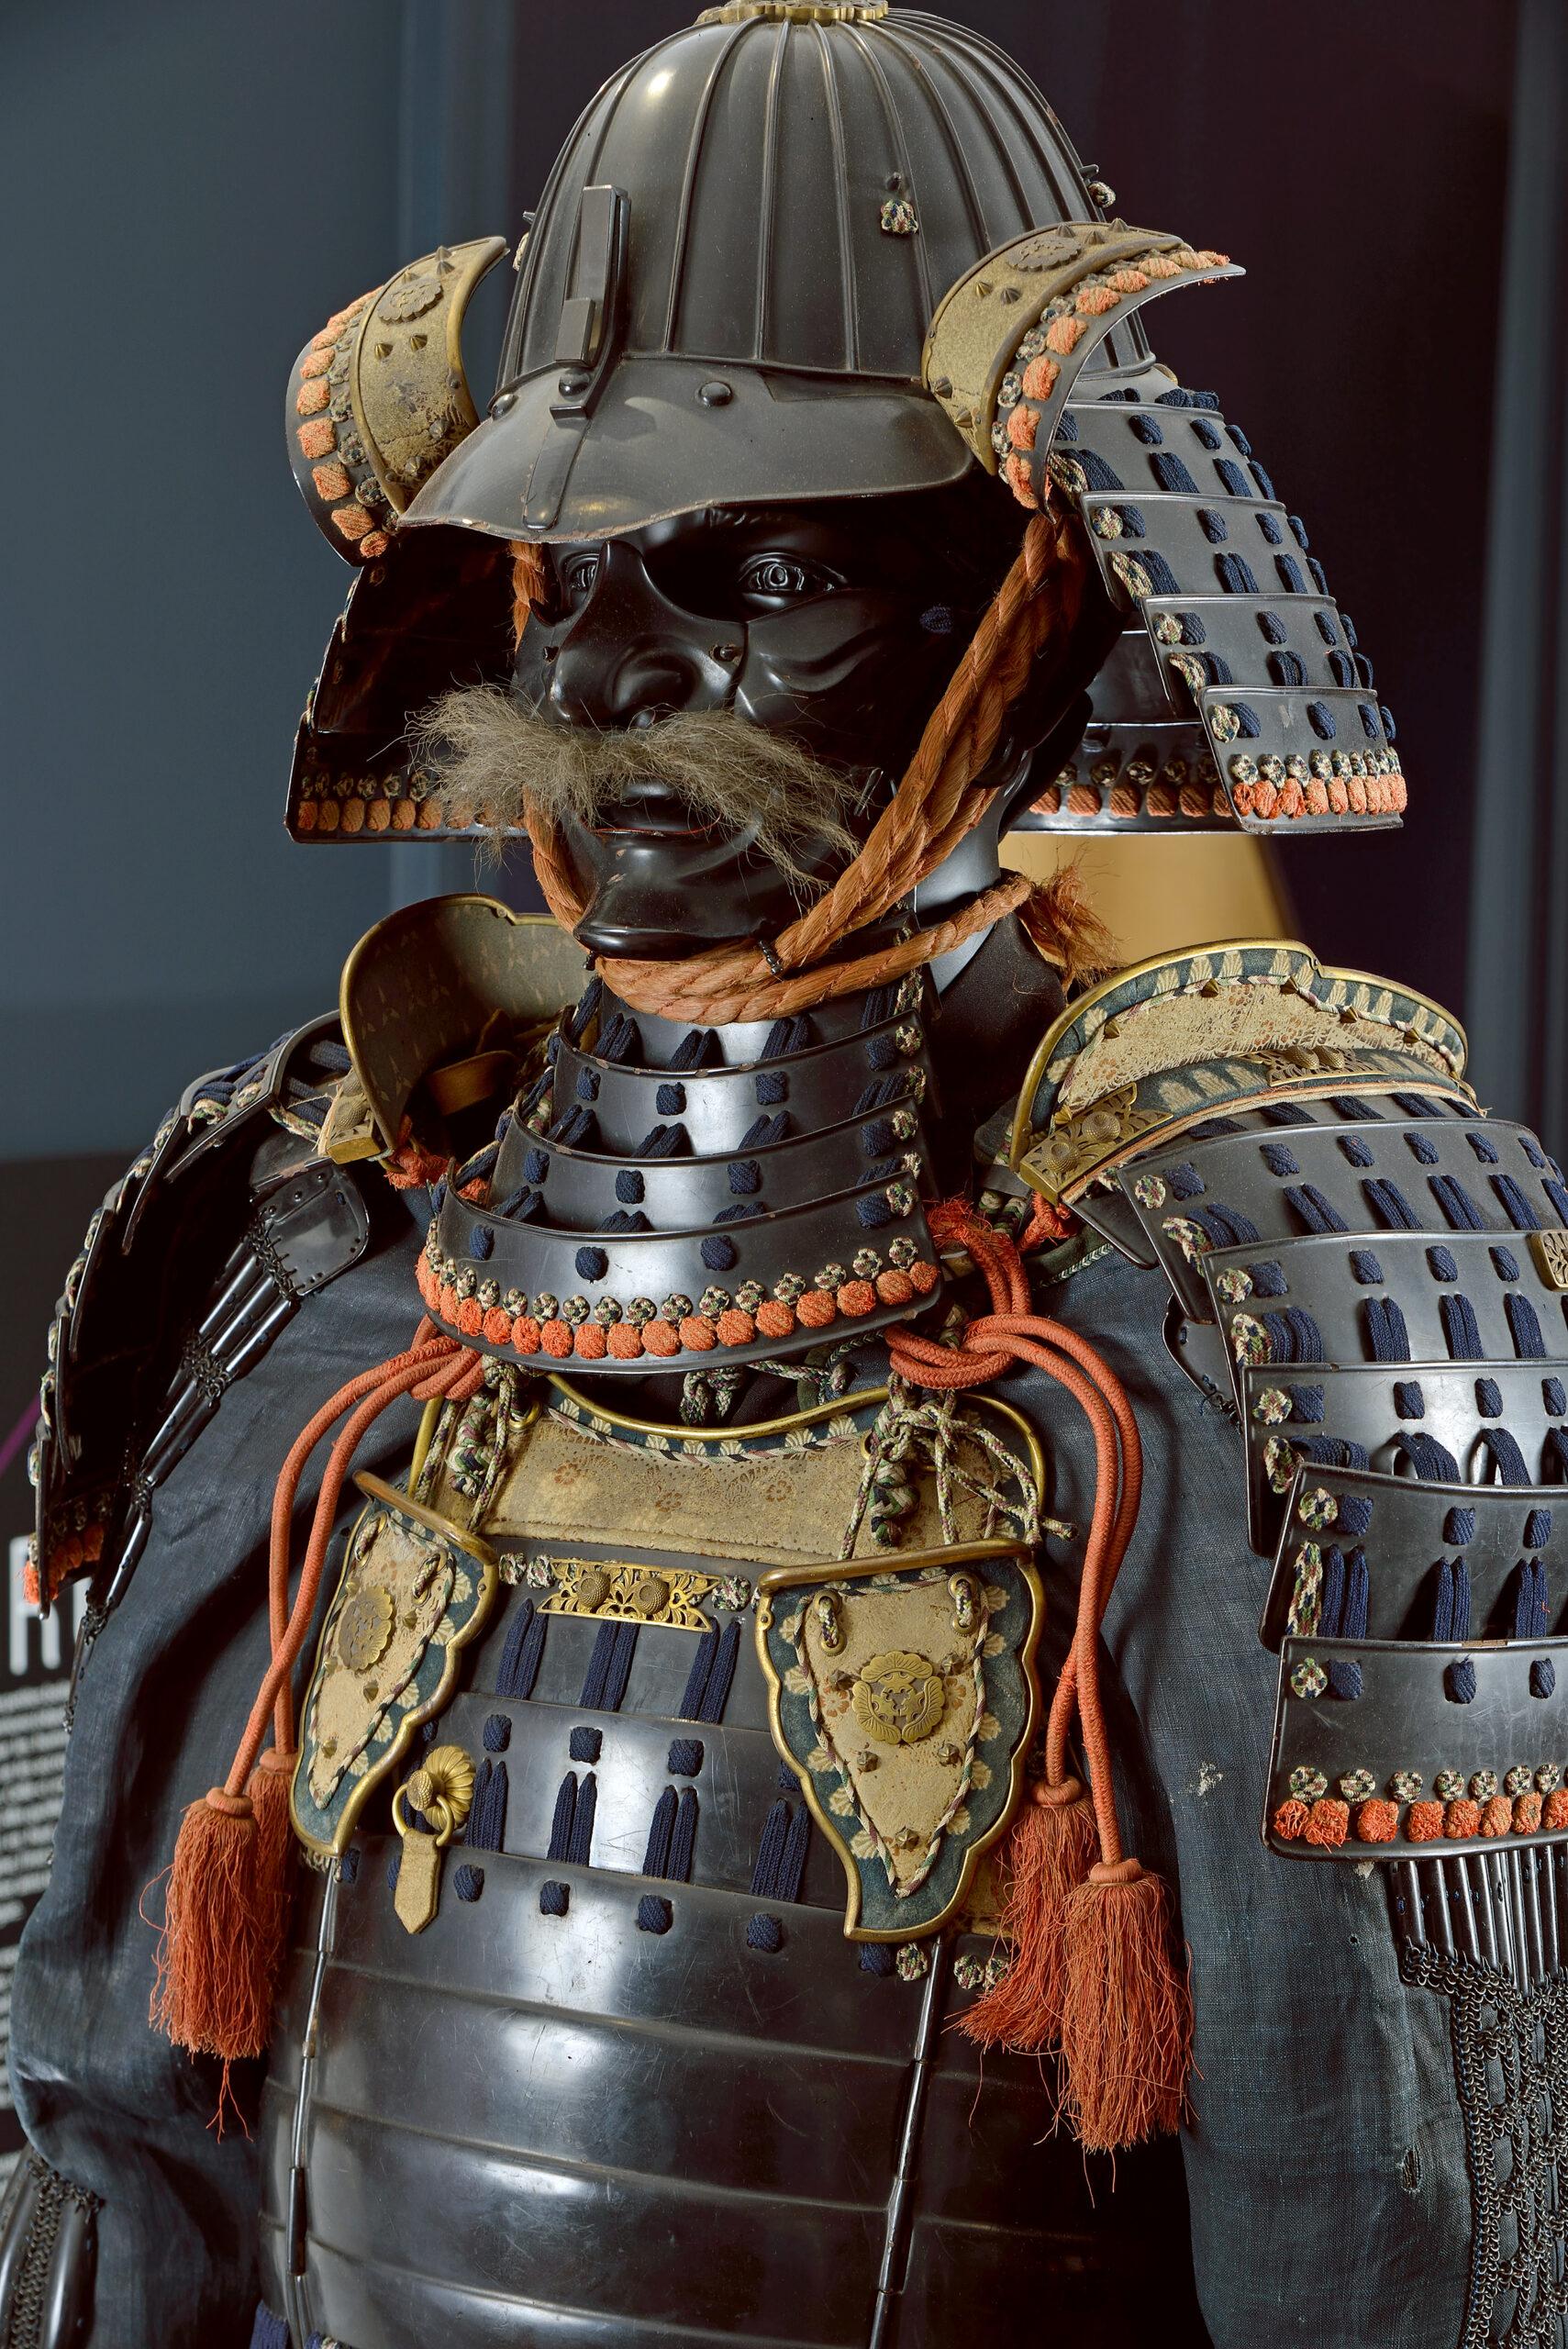 Armure de samouraï, bois laqué, soie, cuir, alliage ferreux et alliage cuivreux, Japon, XIXe siècle